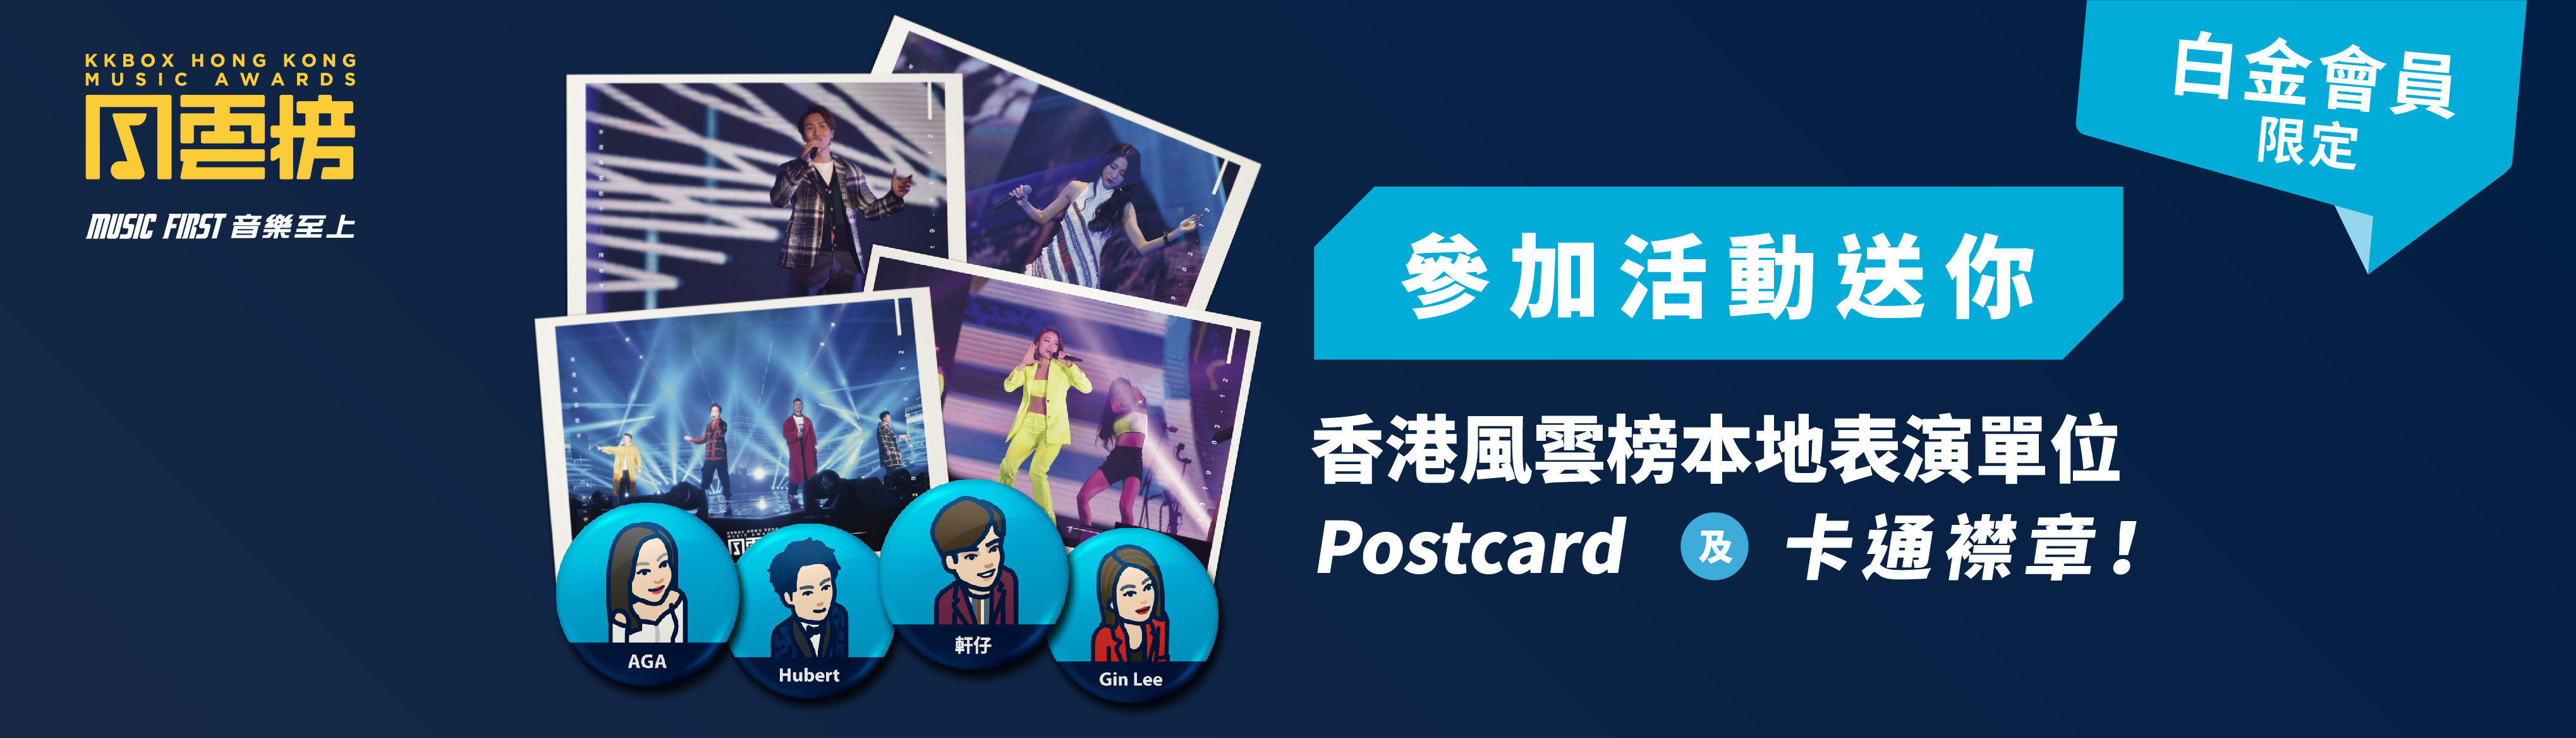 好康/送你「香港風雲榜Postcard襟章活動」